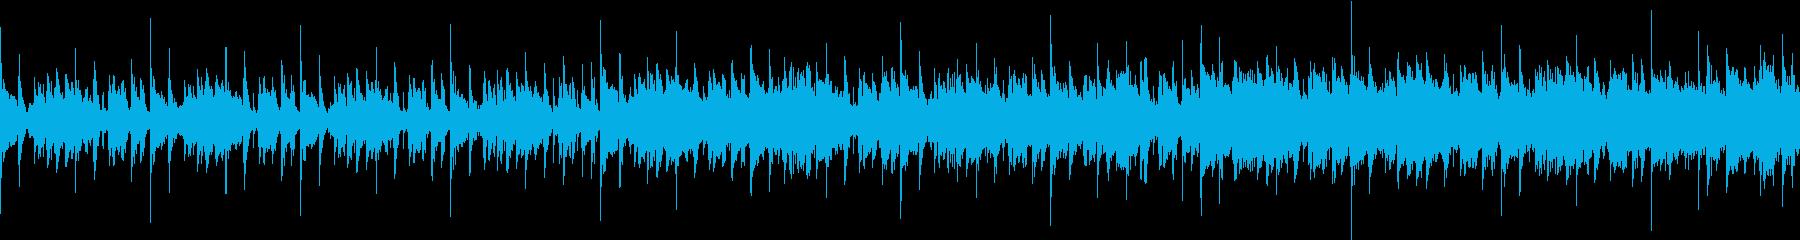 疾走感のあるギターソロポップループの再生済みの波形